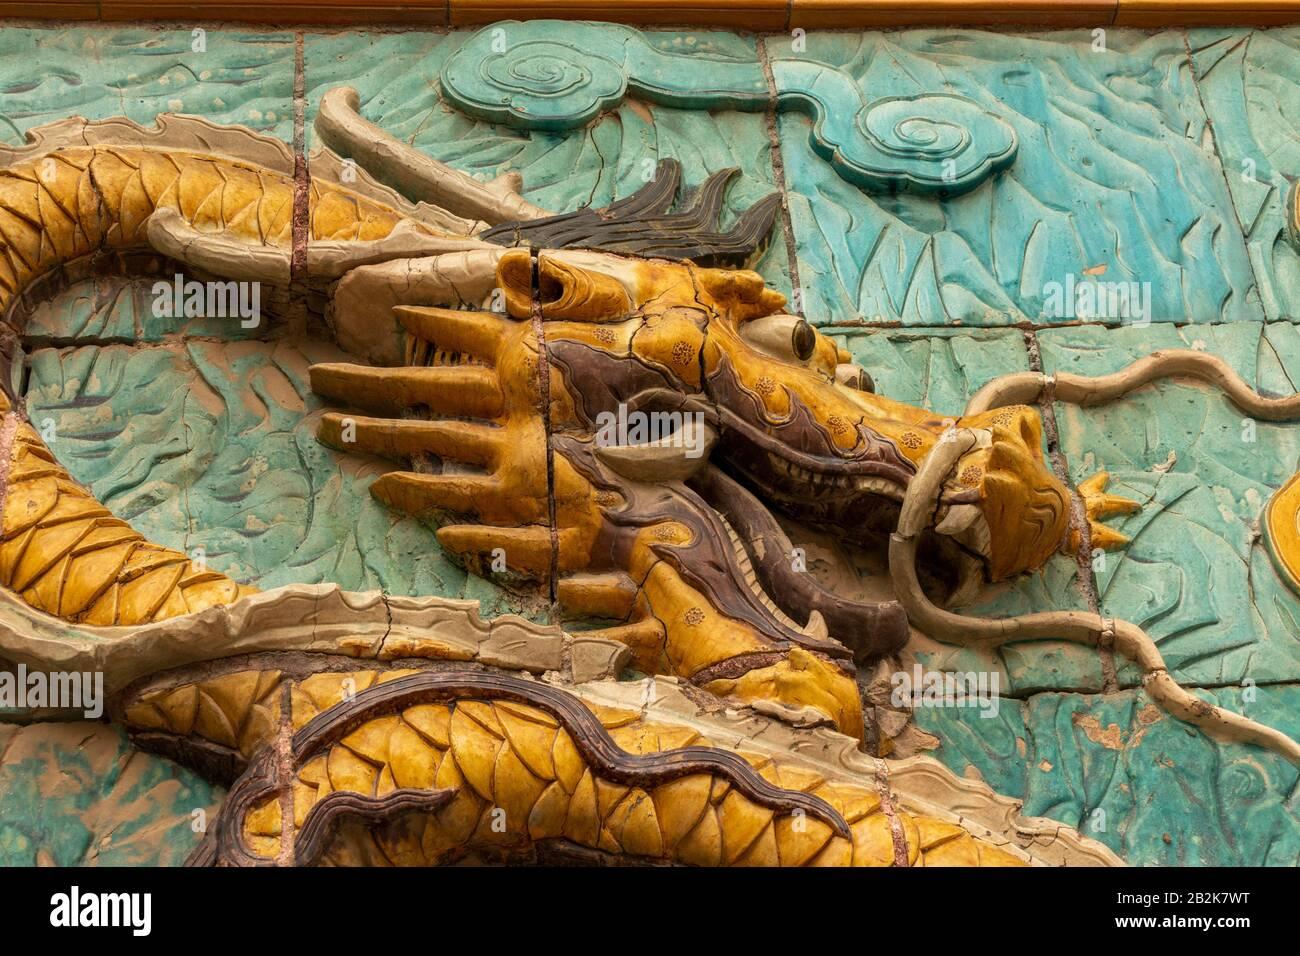 Neuf Écrans Dragons, entrée au Palais de La Longévité Tranquille, la Cité Interdite, Beijing, Chine Banque D'Images